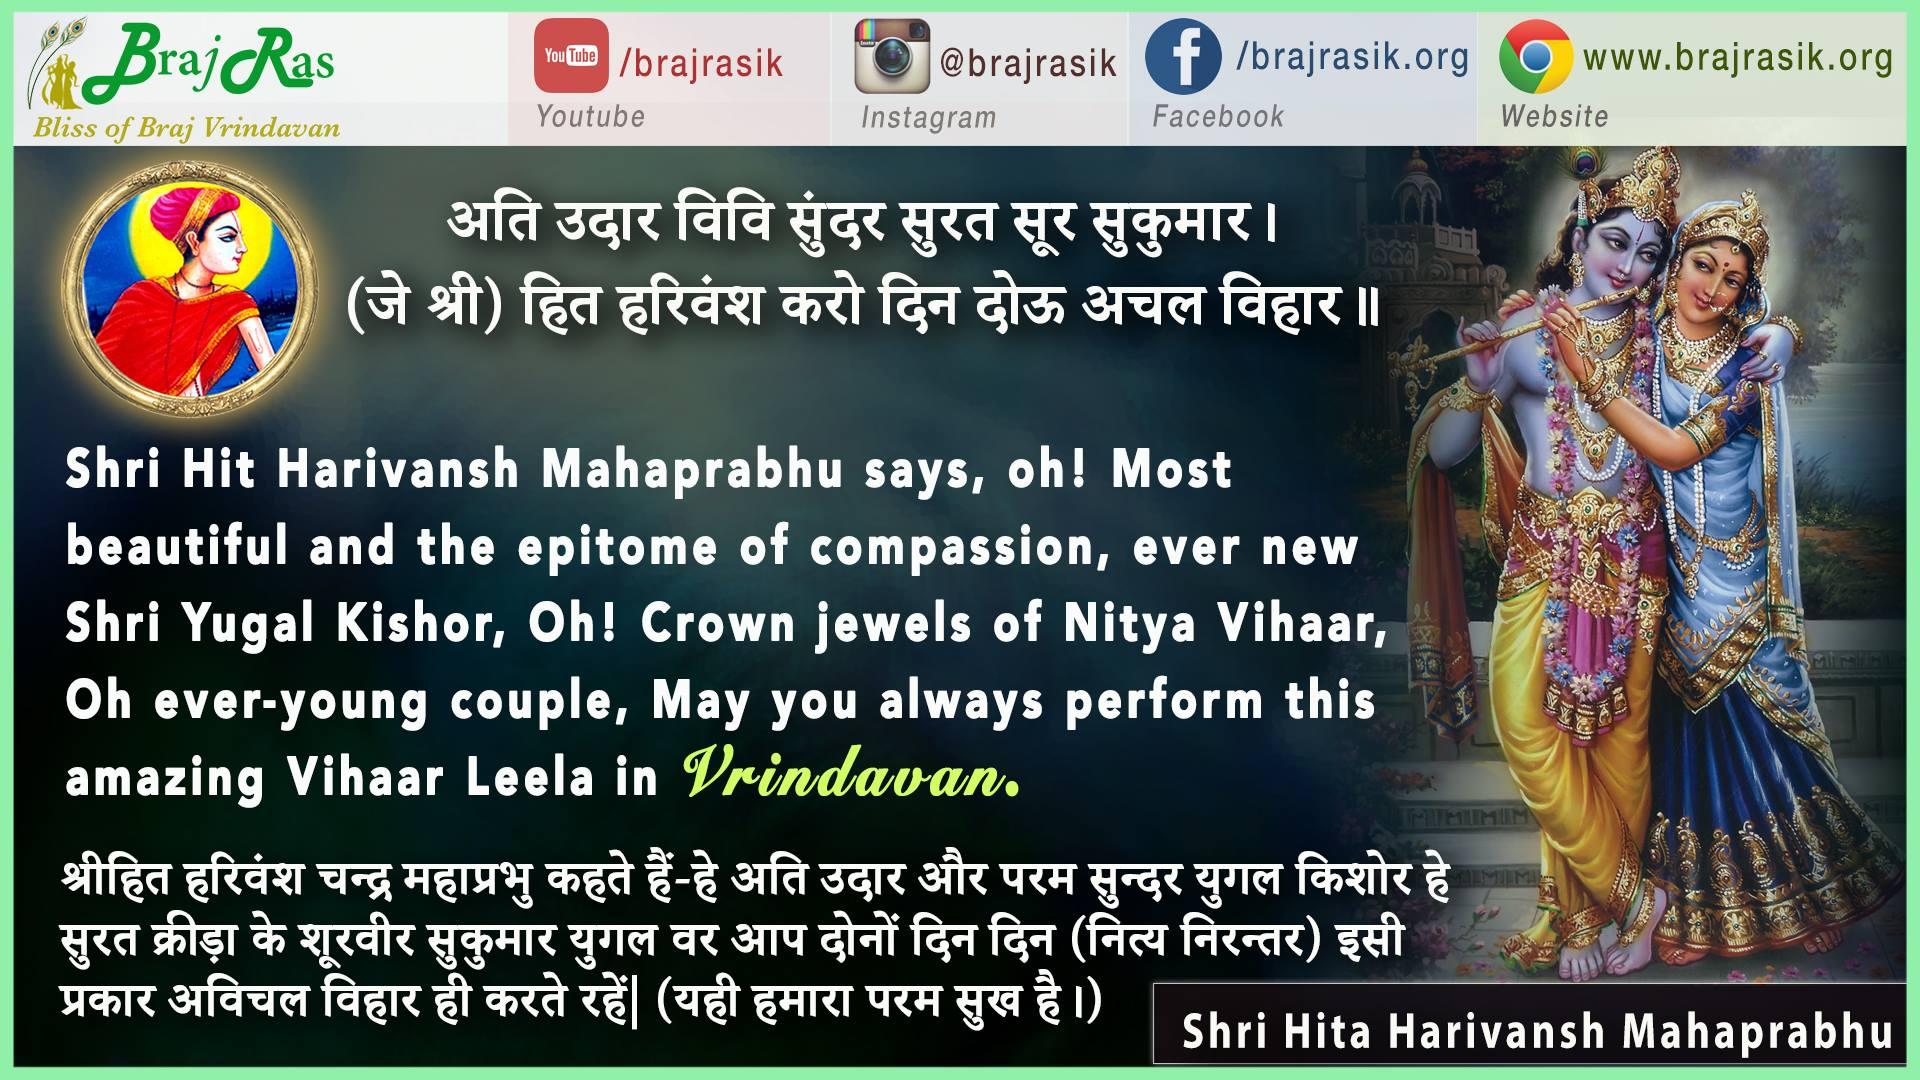 Ati Udaar Vivi Sundar Surat Soor Sukumaar - Shri Hita Harivansh Mahaprabhu (Murali Avtaar)